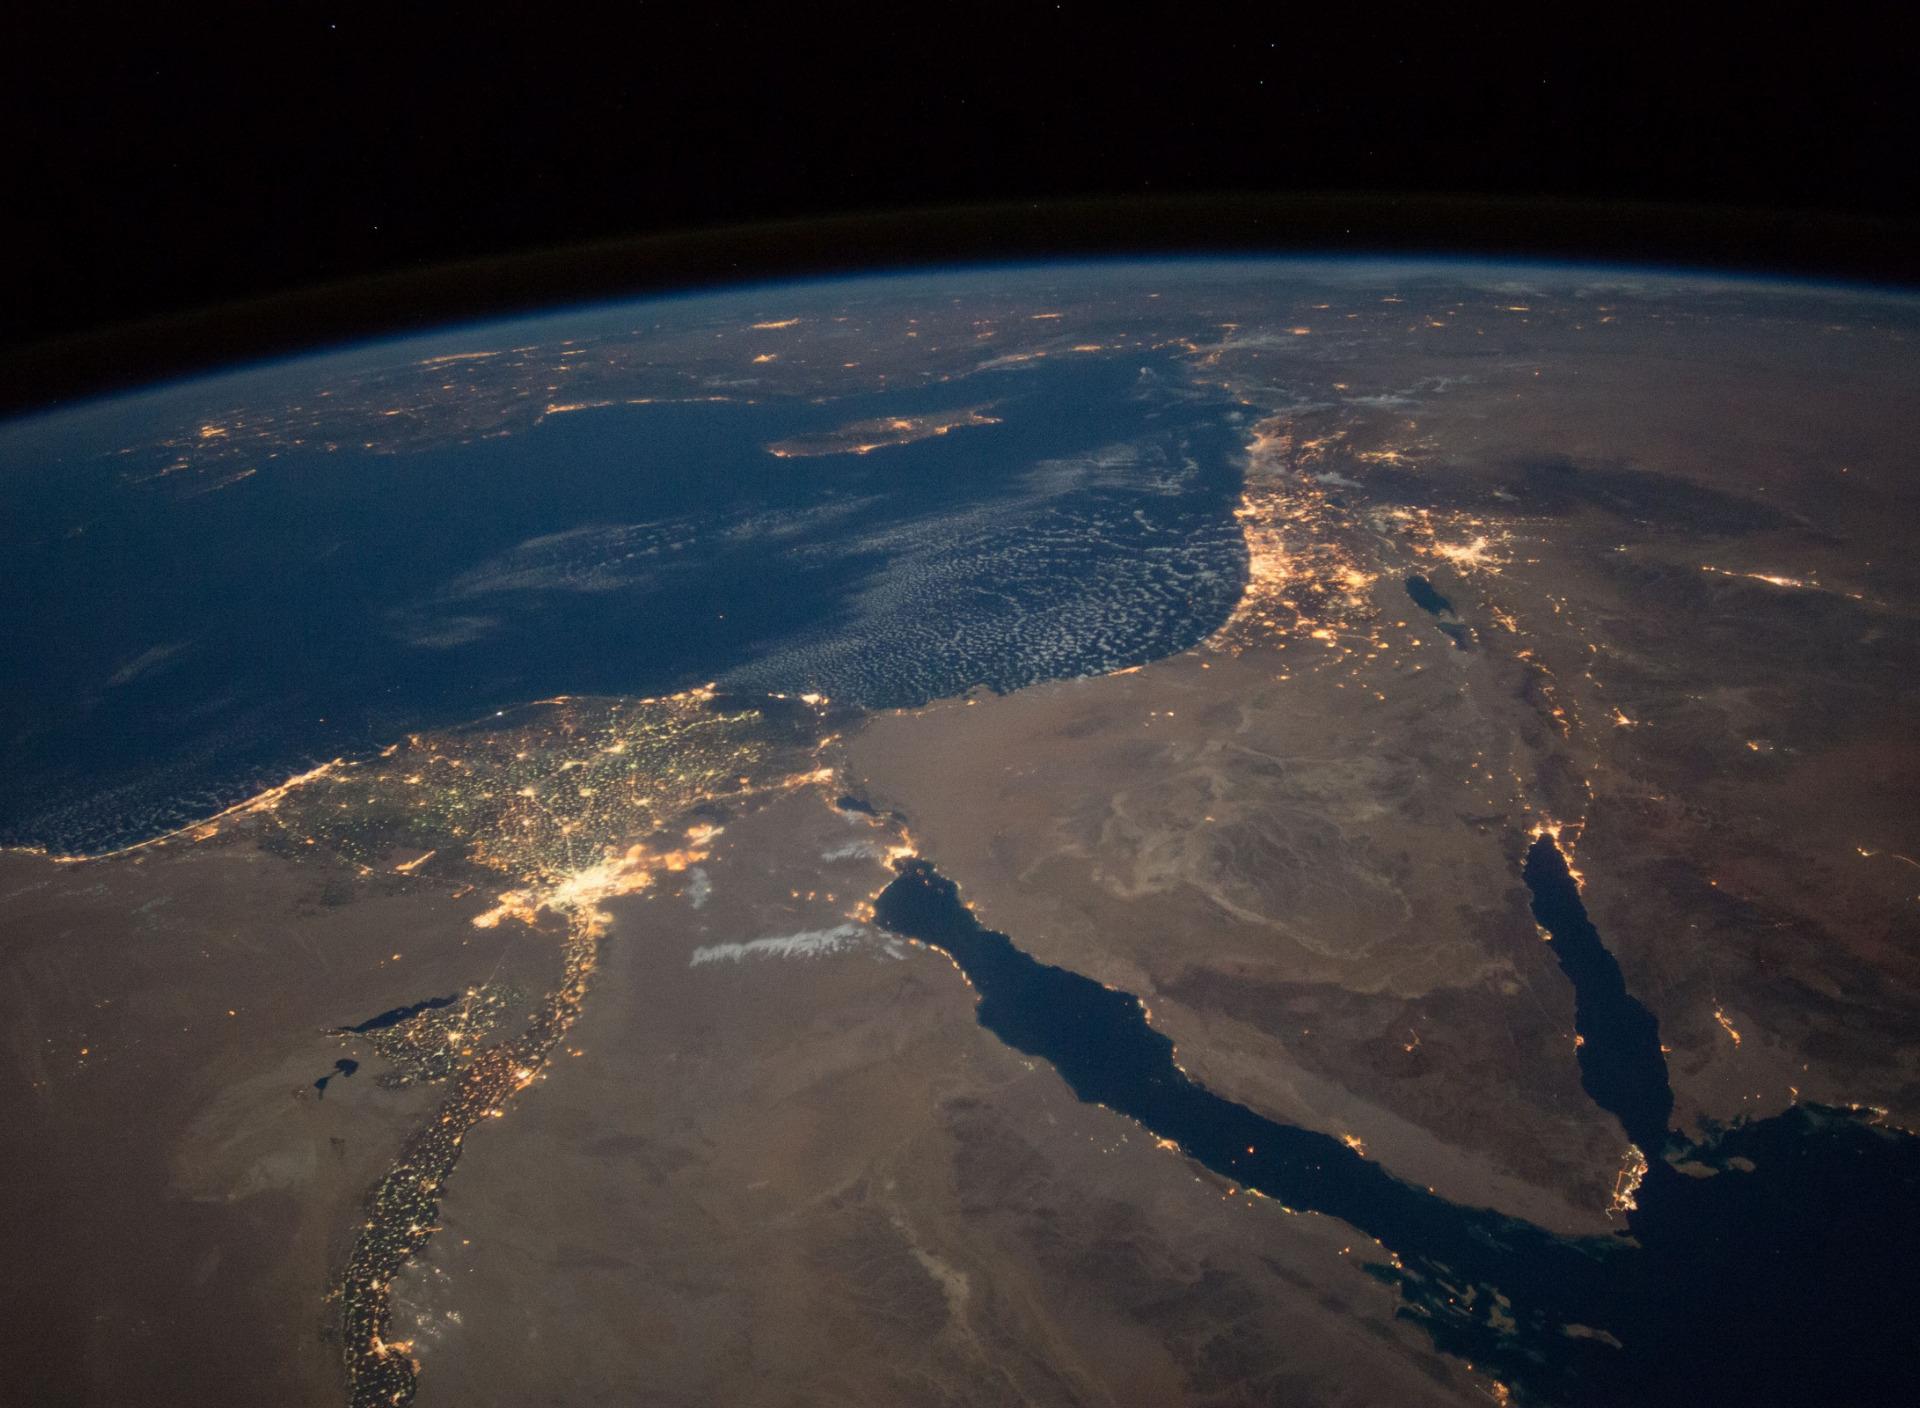 снимки земли с космоса фото растут